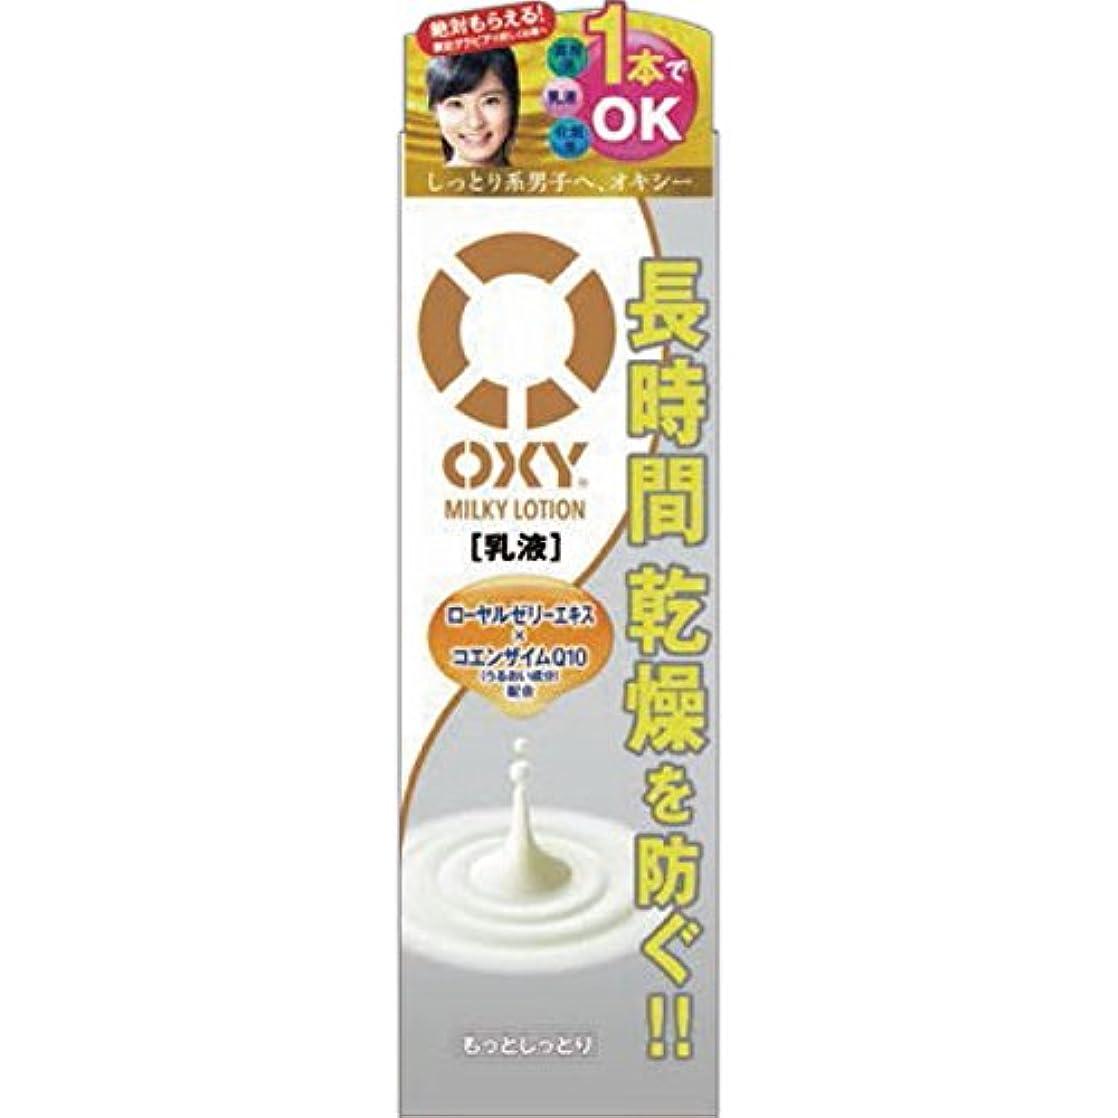 事前社会科フェードオキシー (Oxy) ミルキーローション オールインワン乳液 スーパーヒアルロン酸×ローヤルゼリー配合 ゼラニウムの香 170mL